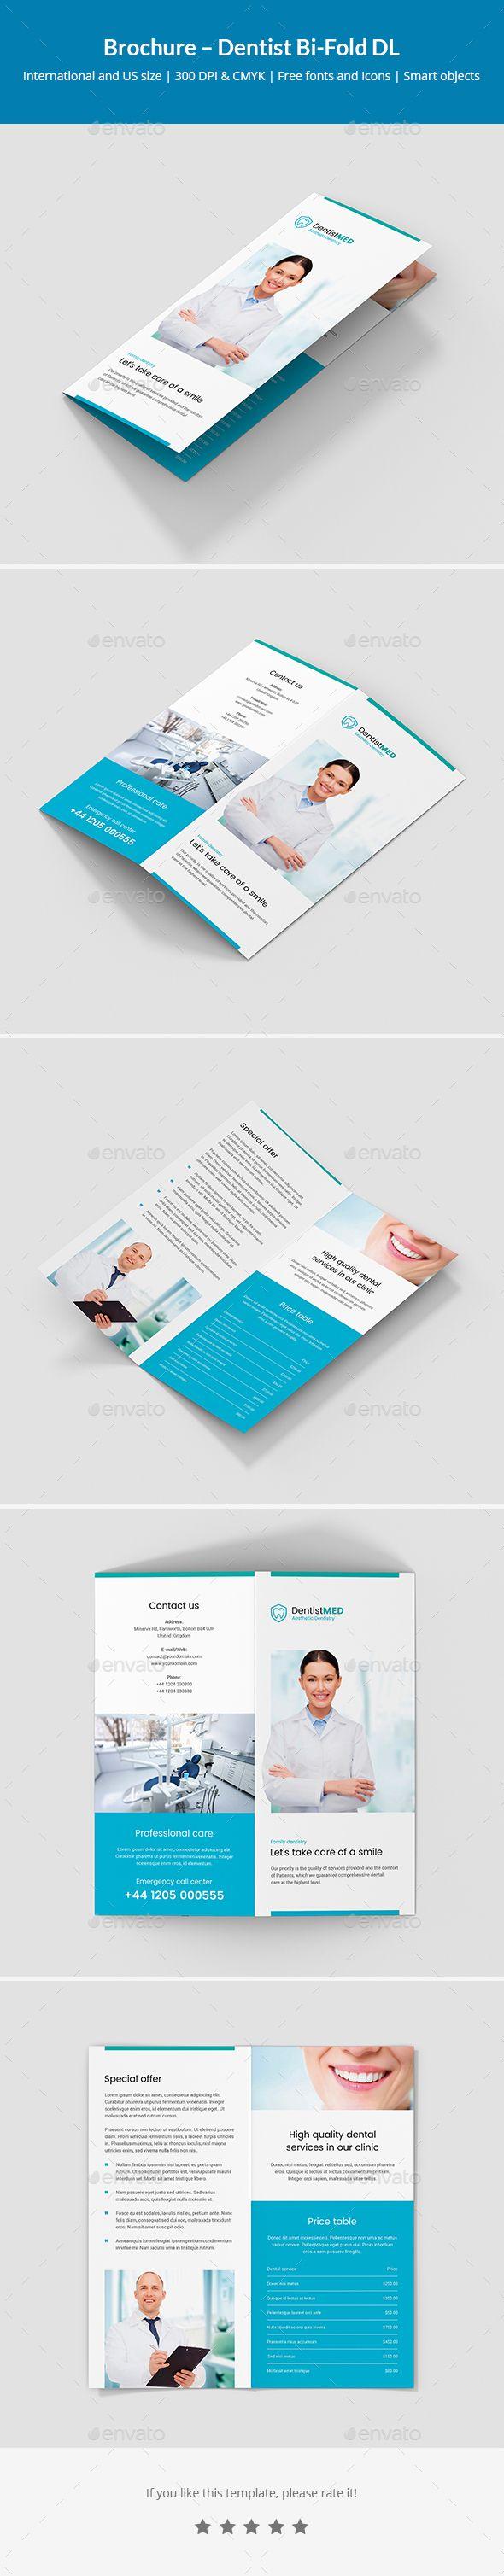 brochure dentist bi fold dl informational brochures